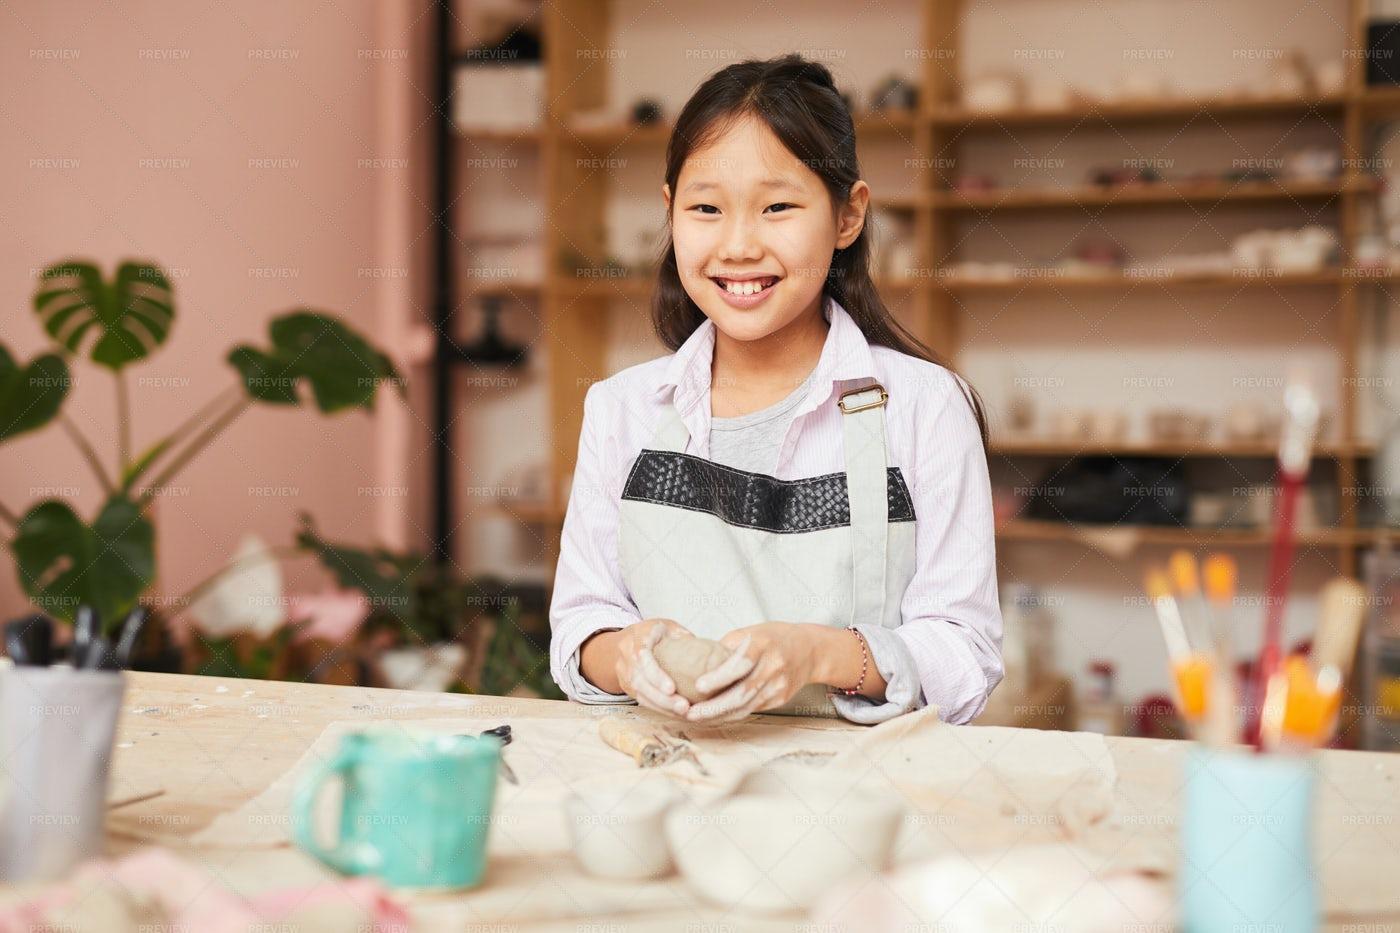 Smiling Asian Girl Enjoying Pottery...: Stock Photos